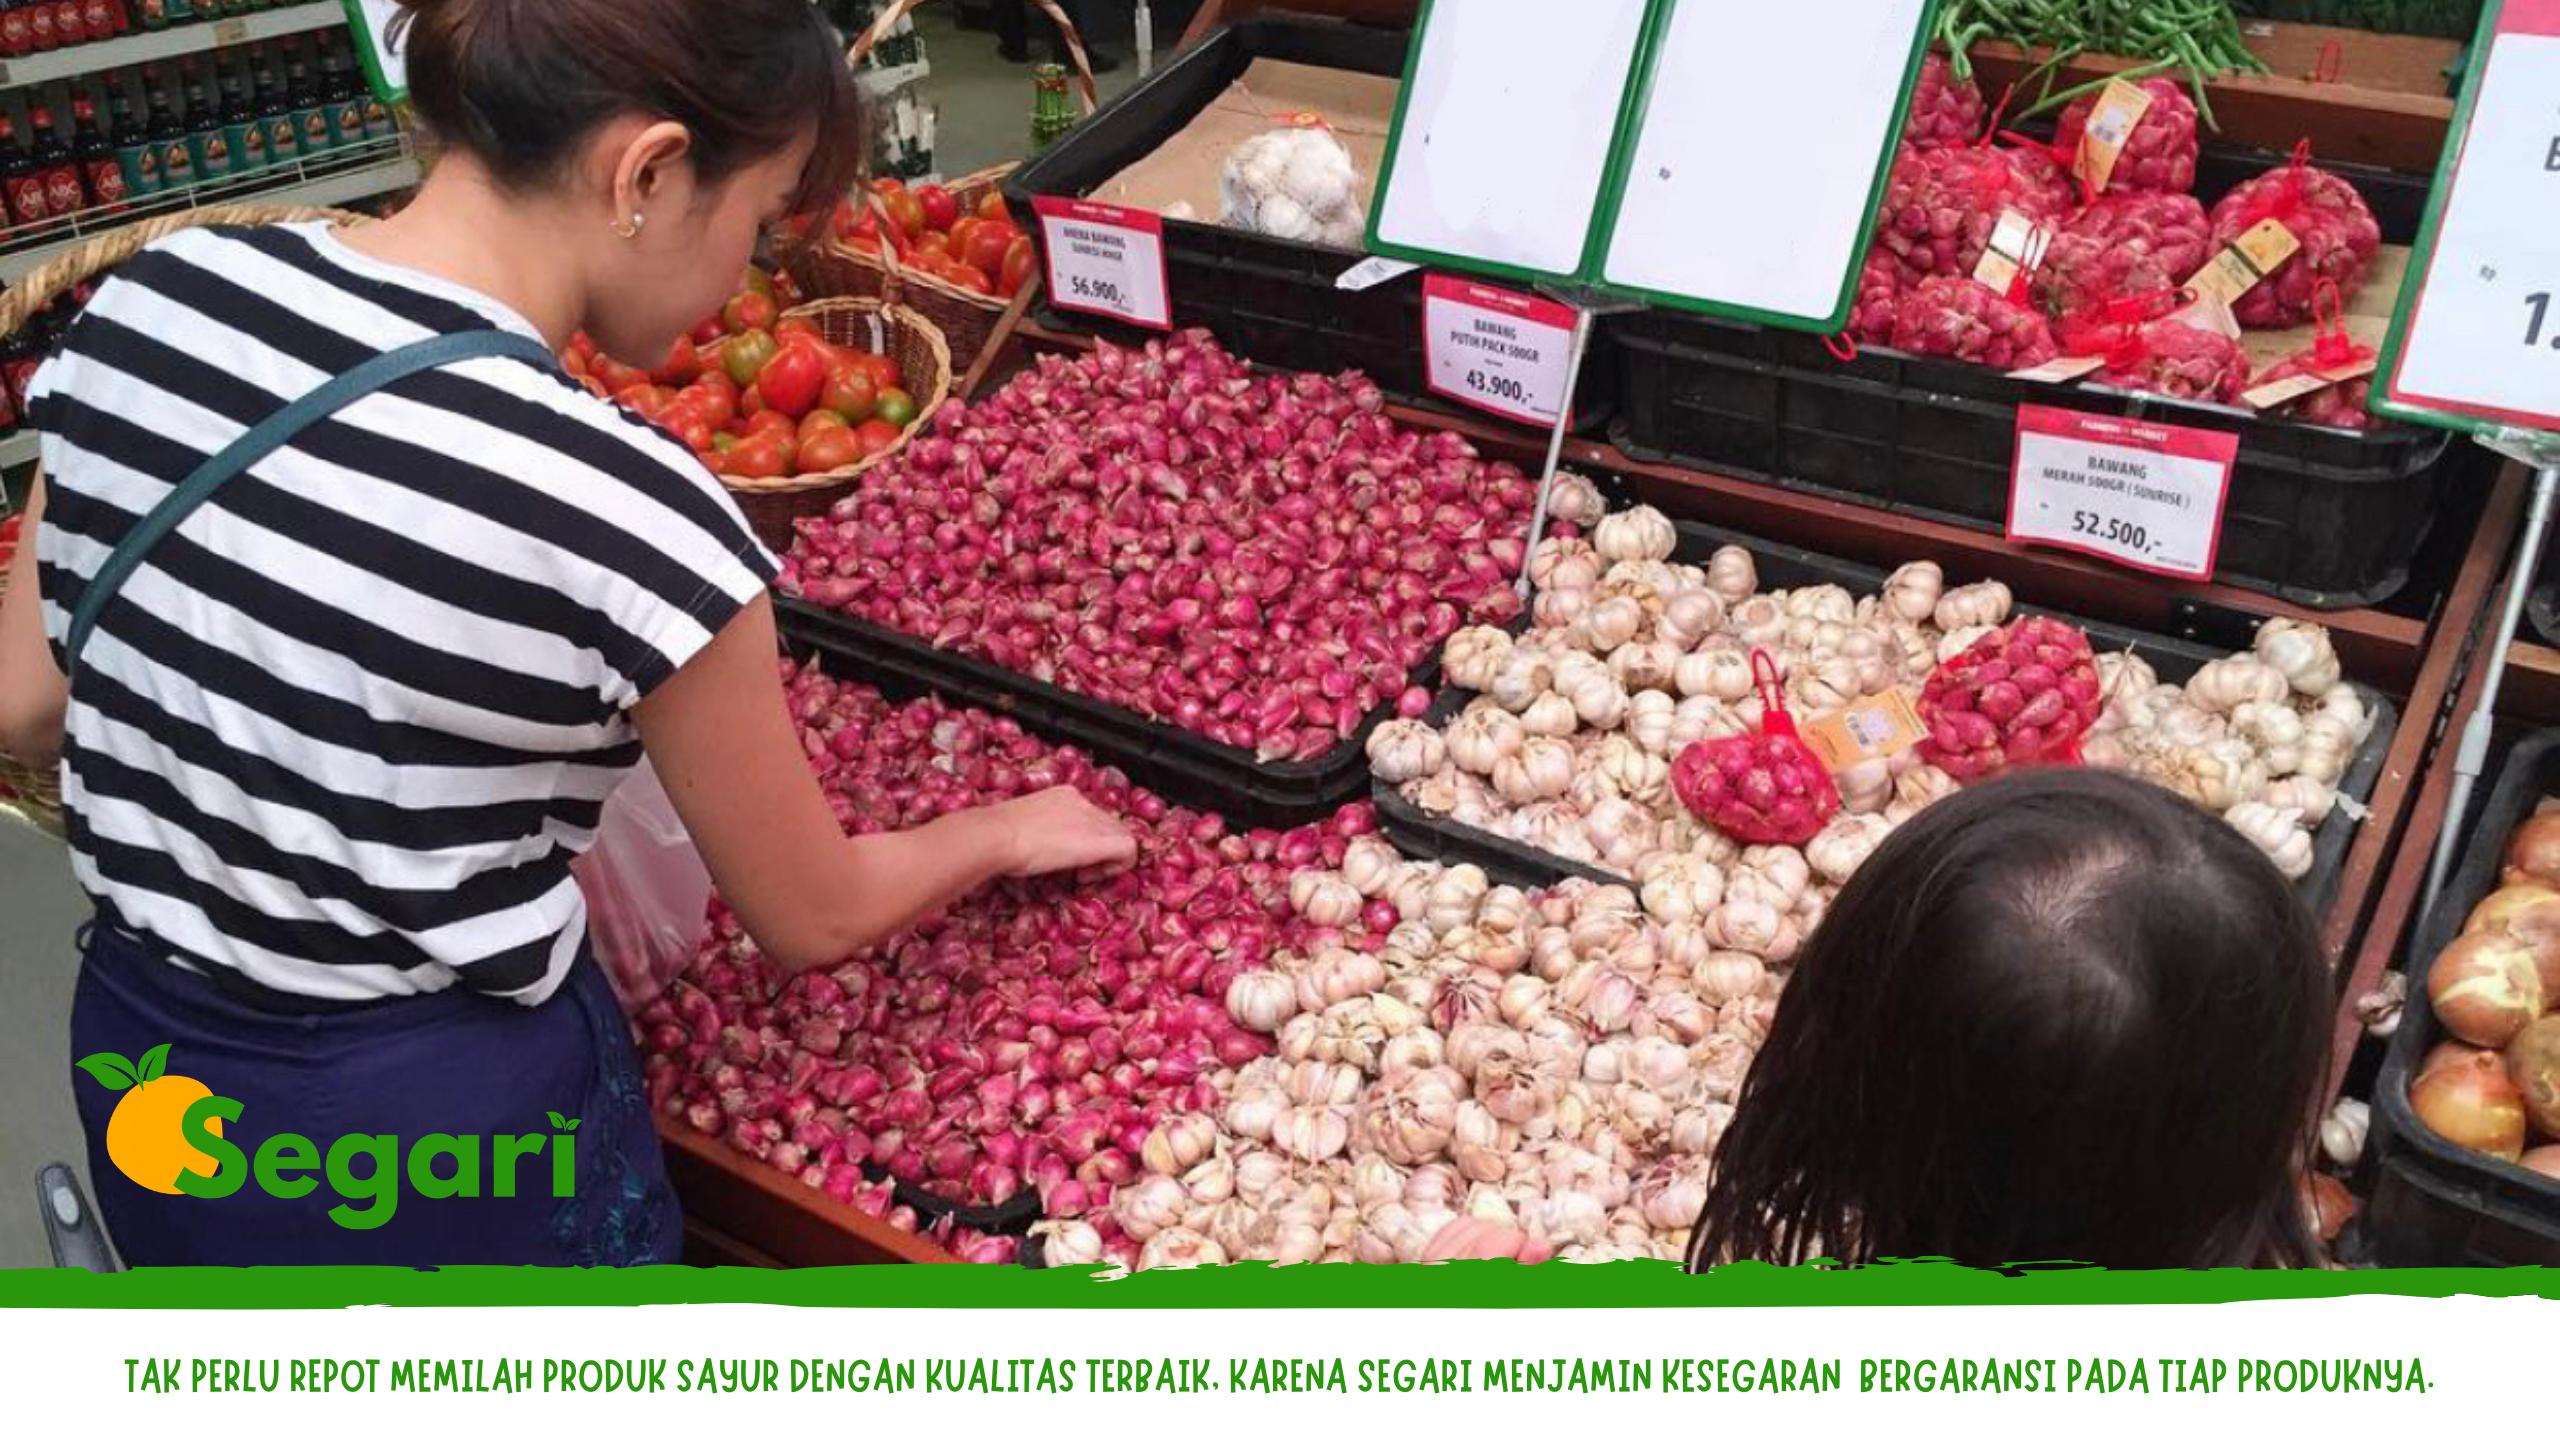 Review belanja sayur online berkualitas segari